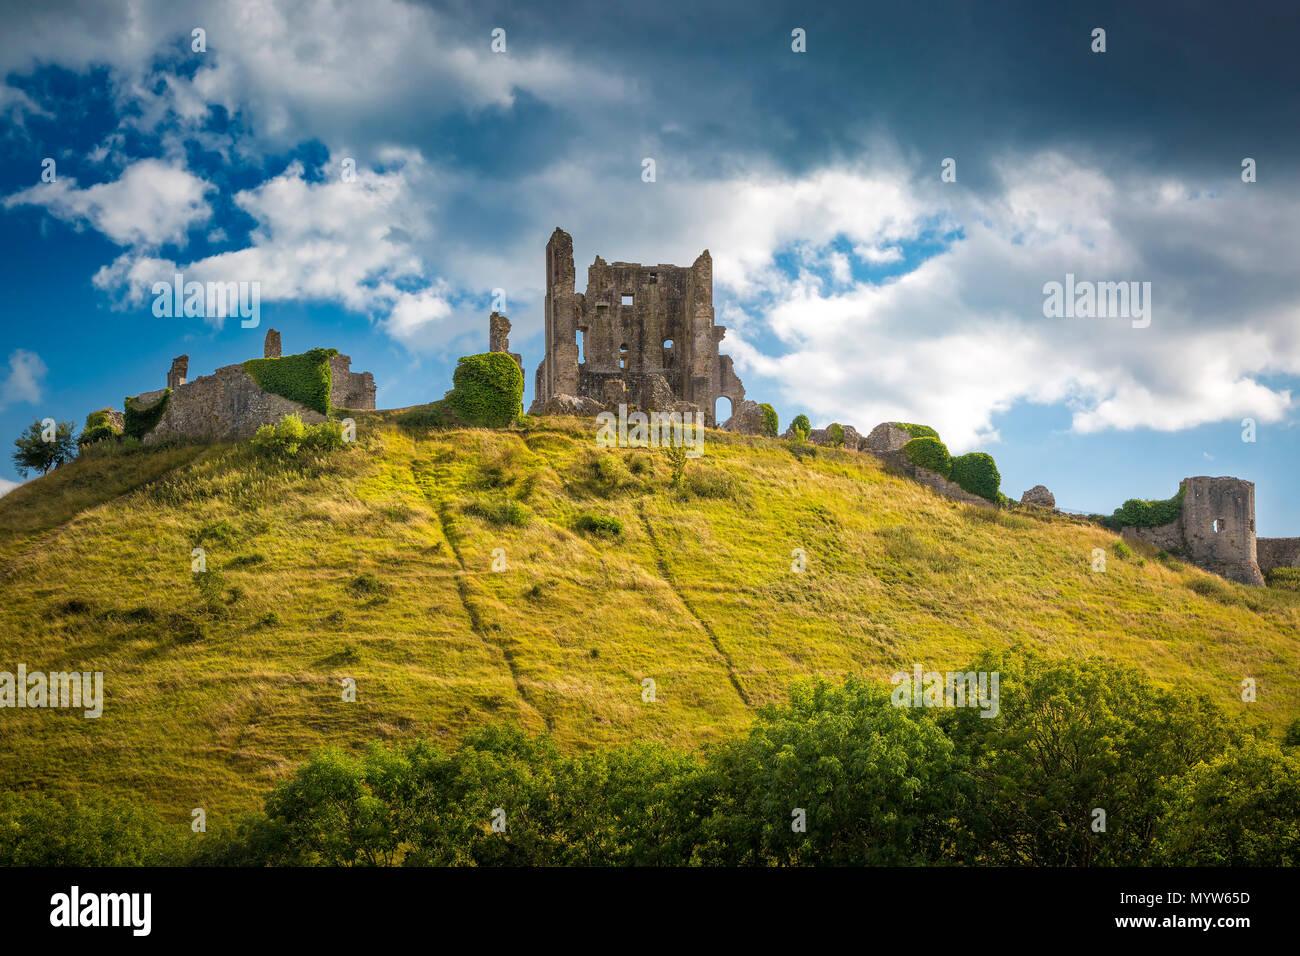 Ruines du château de Corfe près de Wareham, l'île de Purbeck, Dorset, Angleterre Photo Stock